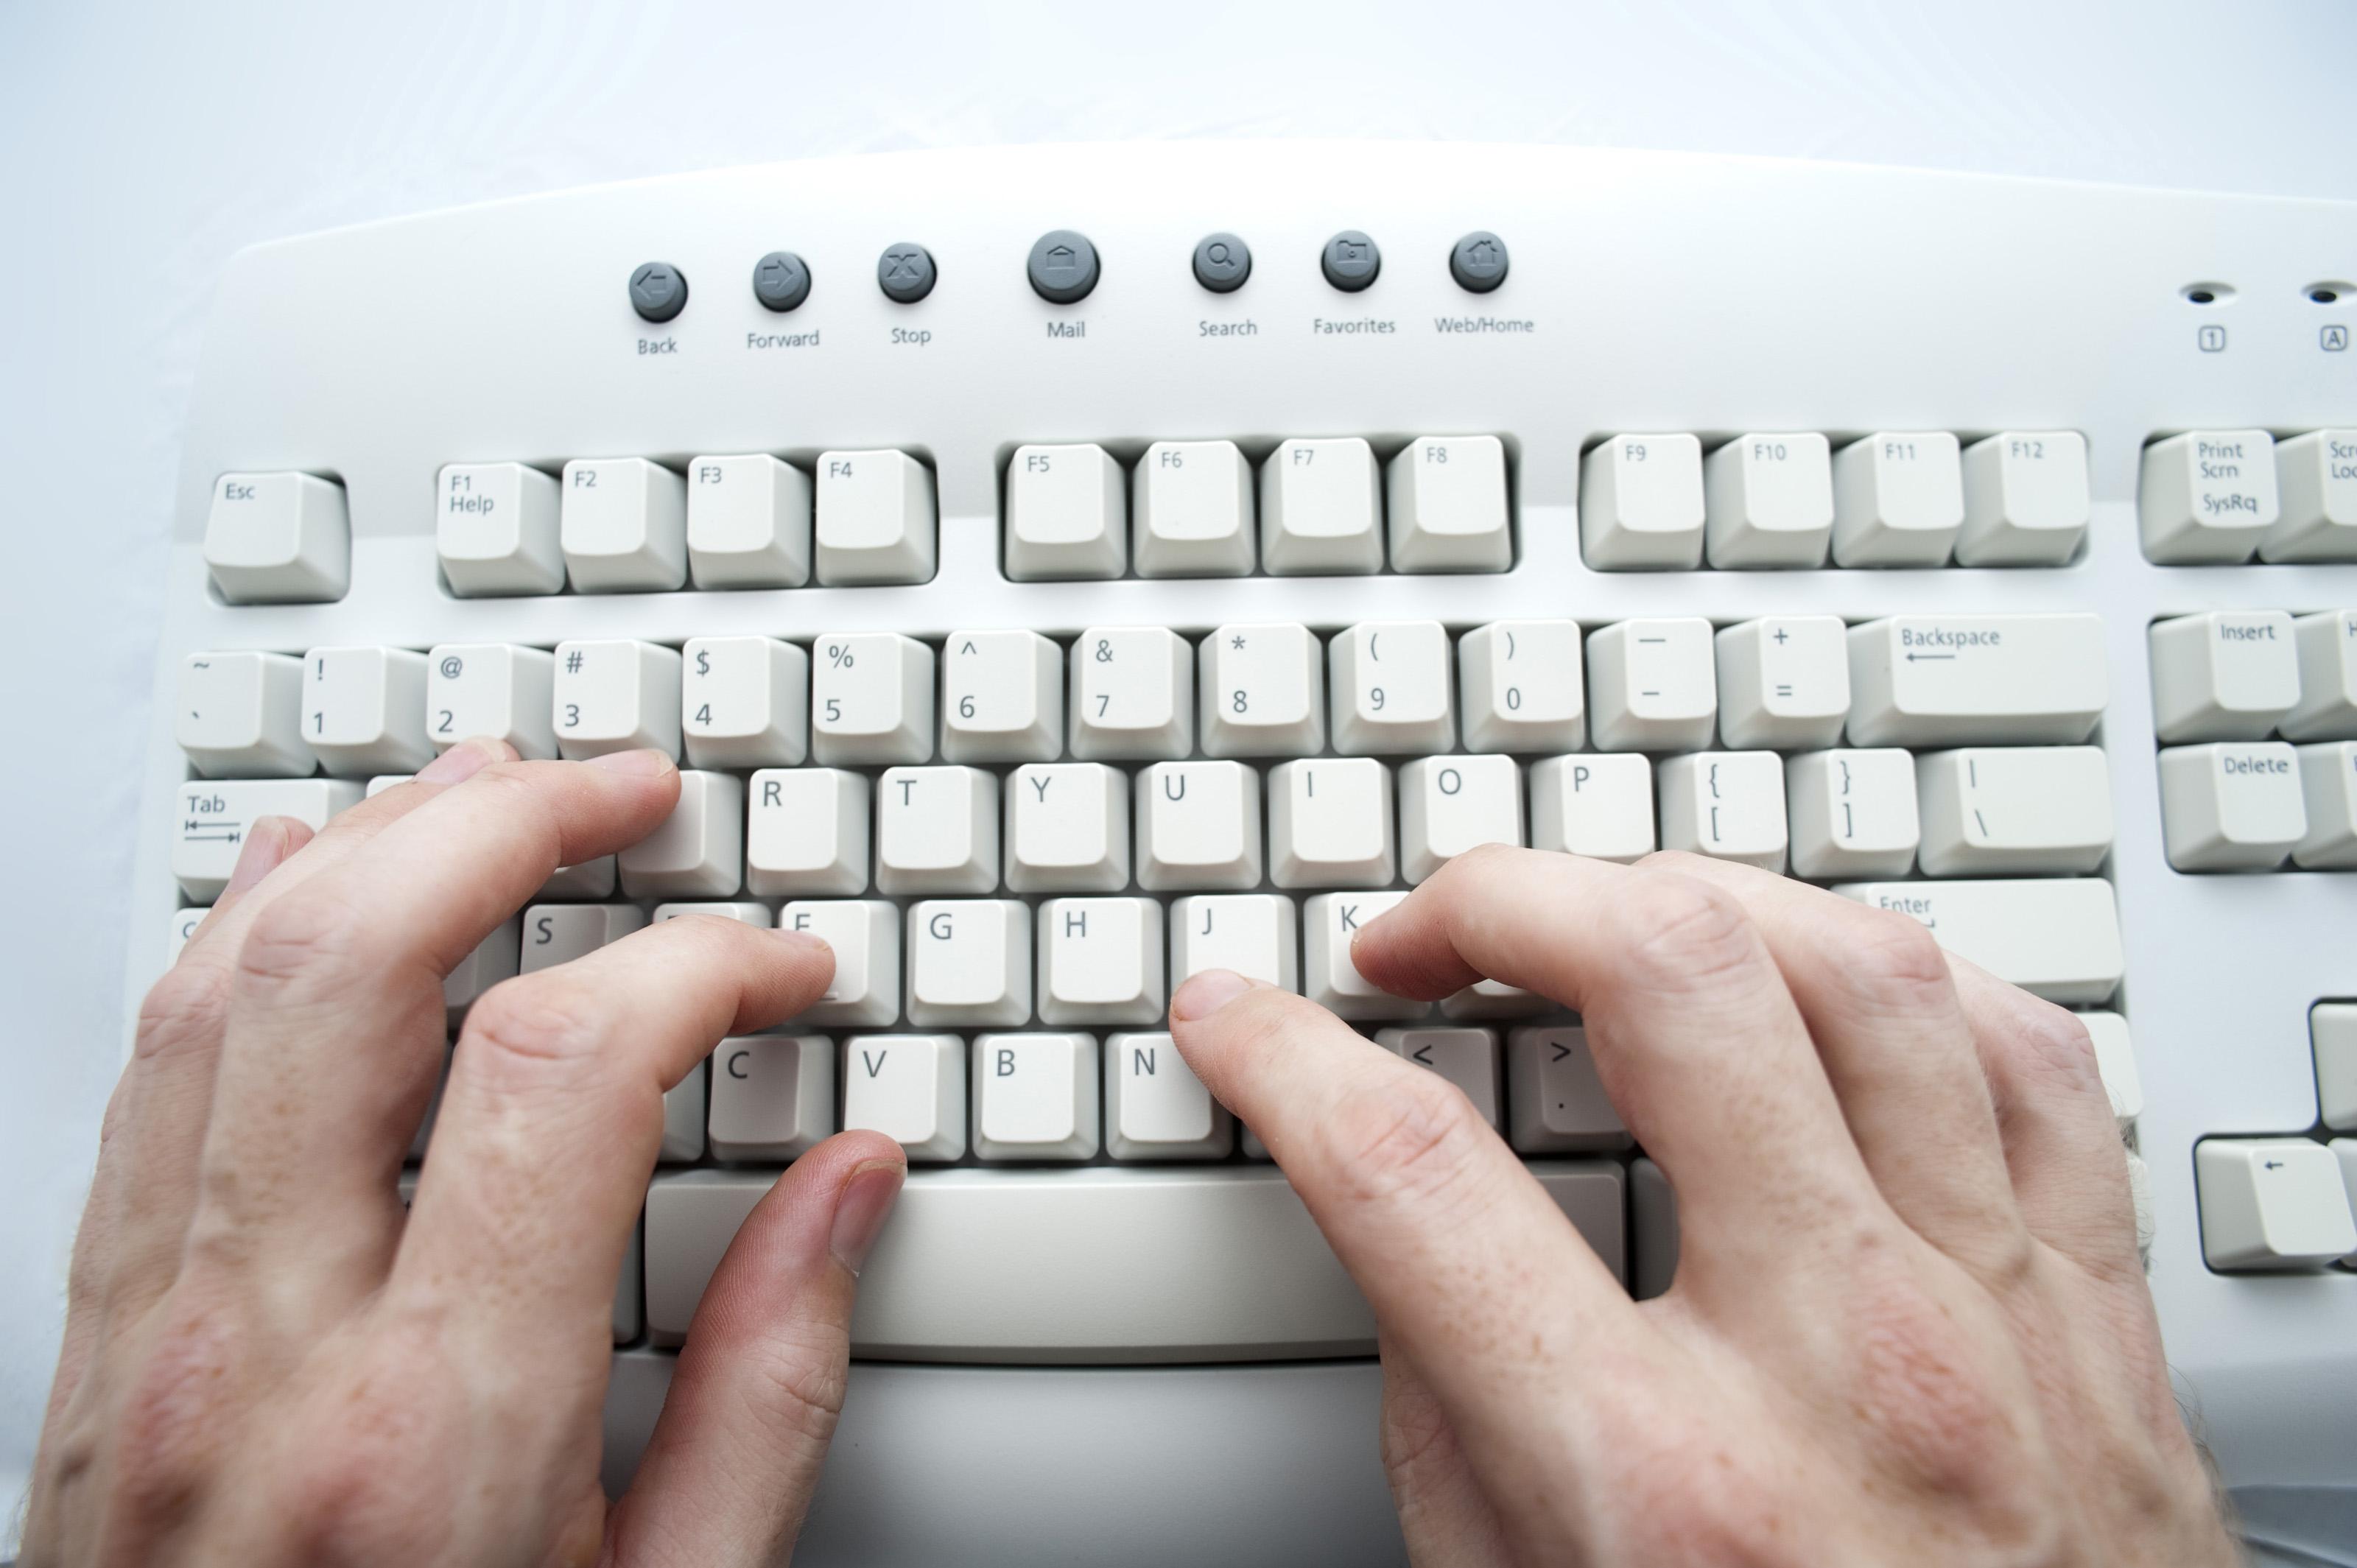 Free image of keyboard typing